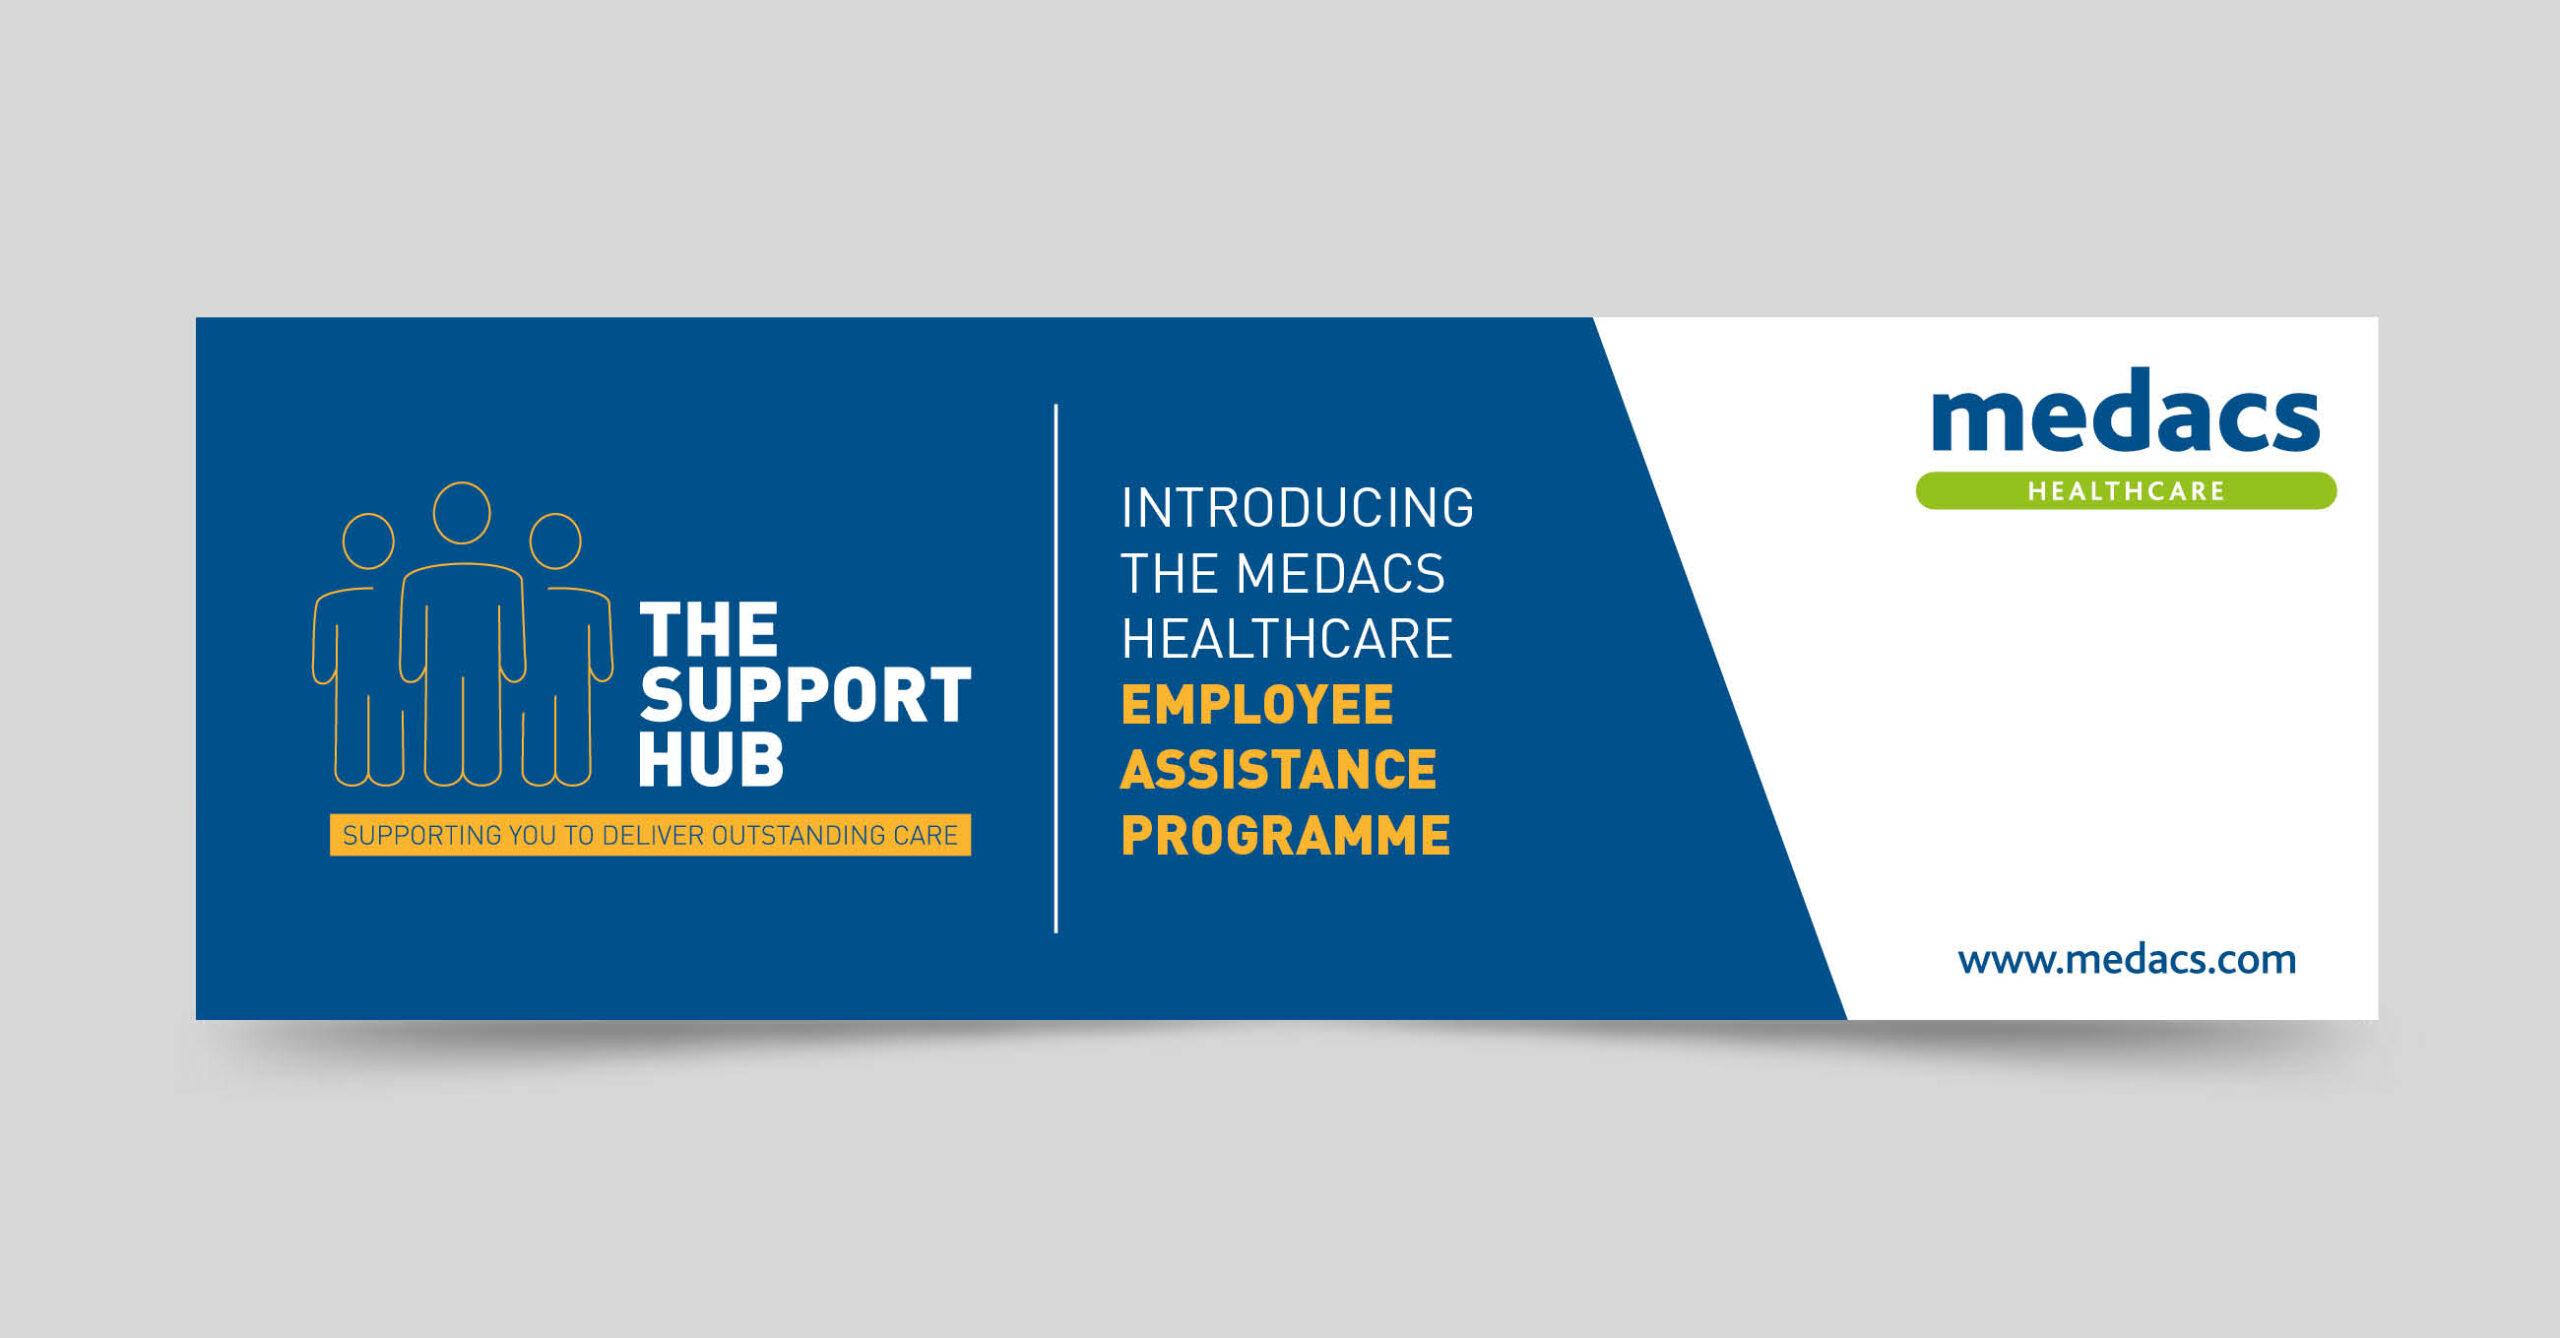 Medacs Wellbeing Service Logos3